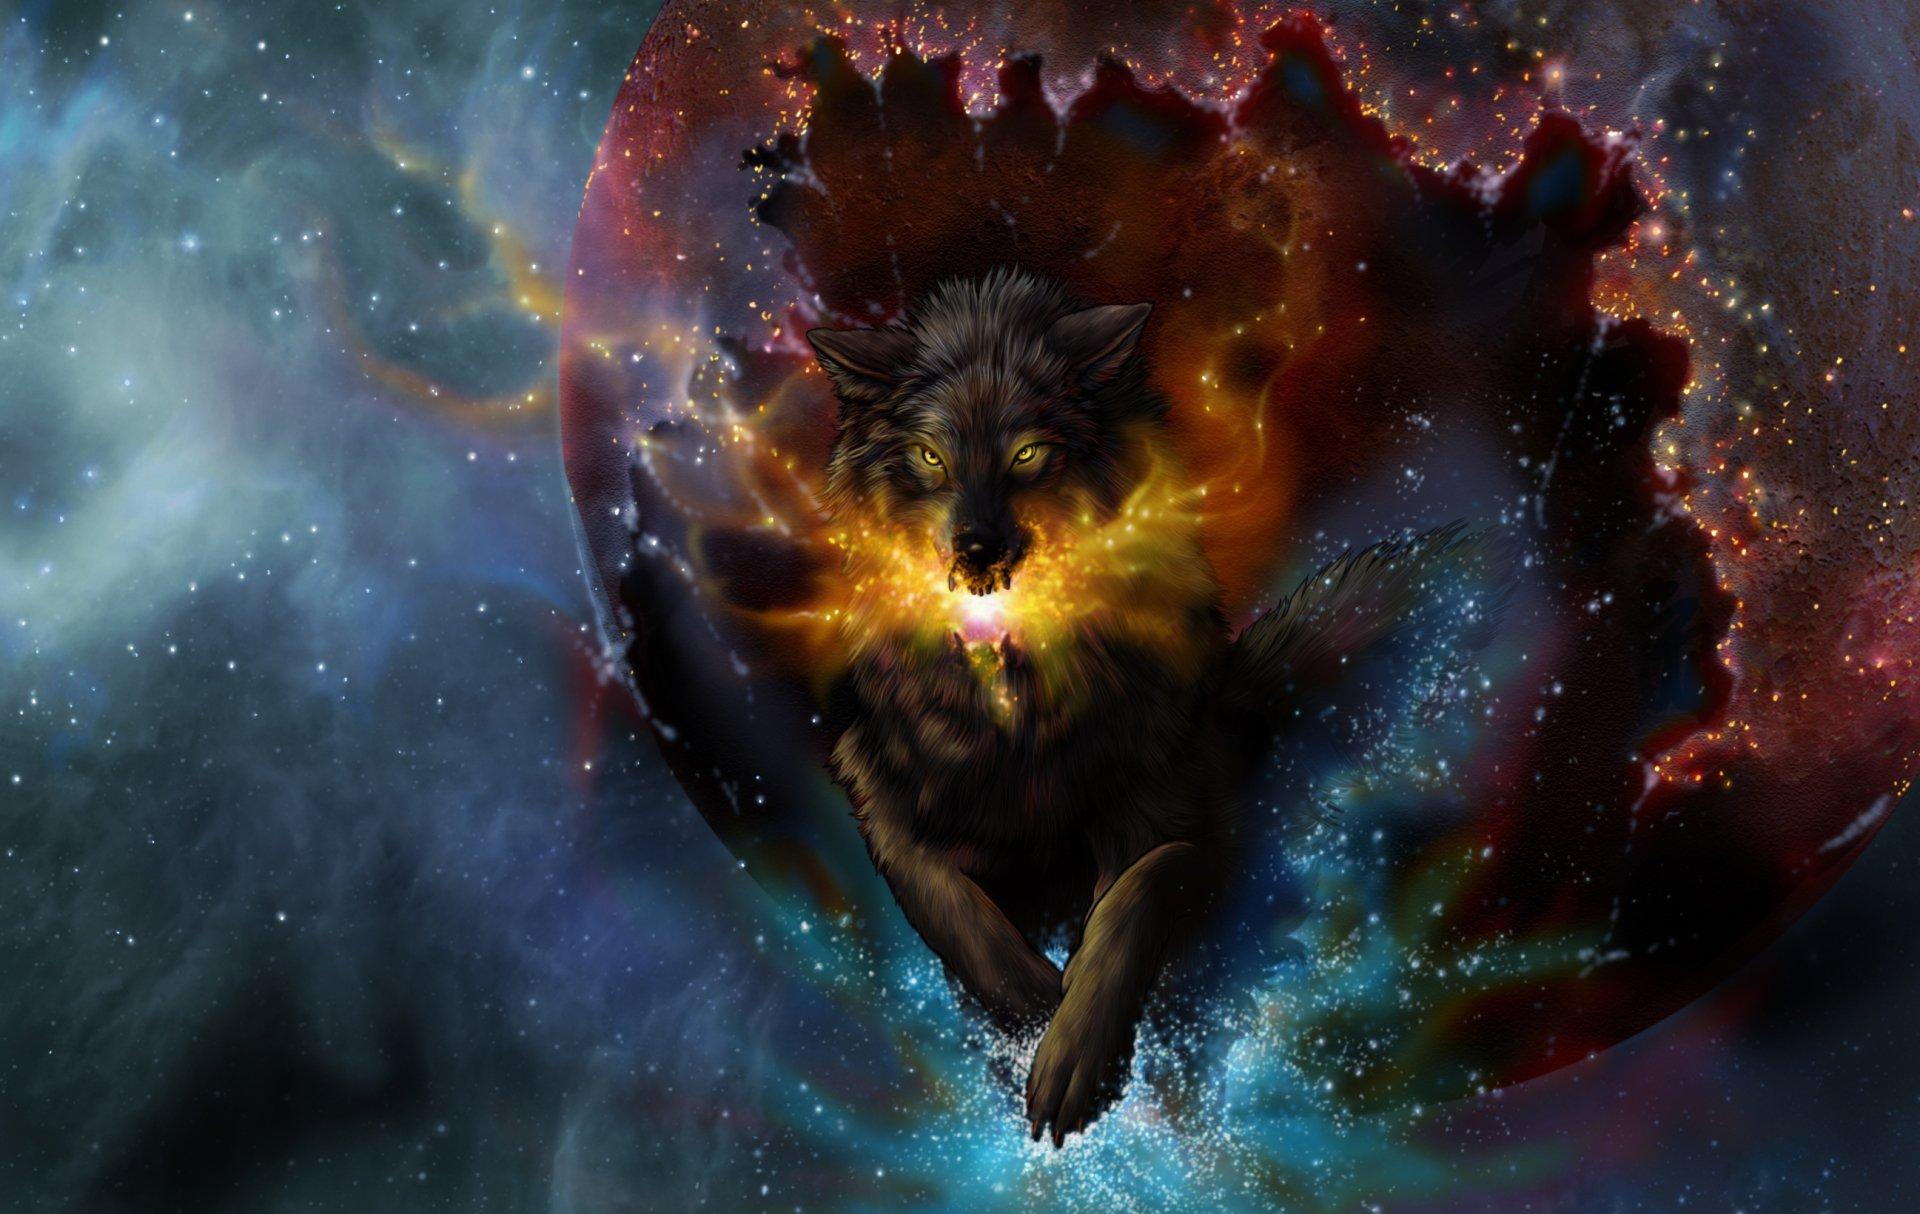 Animales Fondos De Escritorio Hd: Lobo Fondo De Pantalla HD